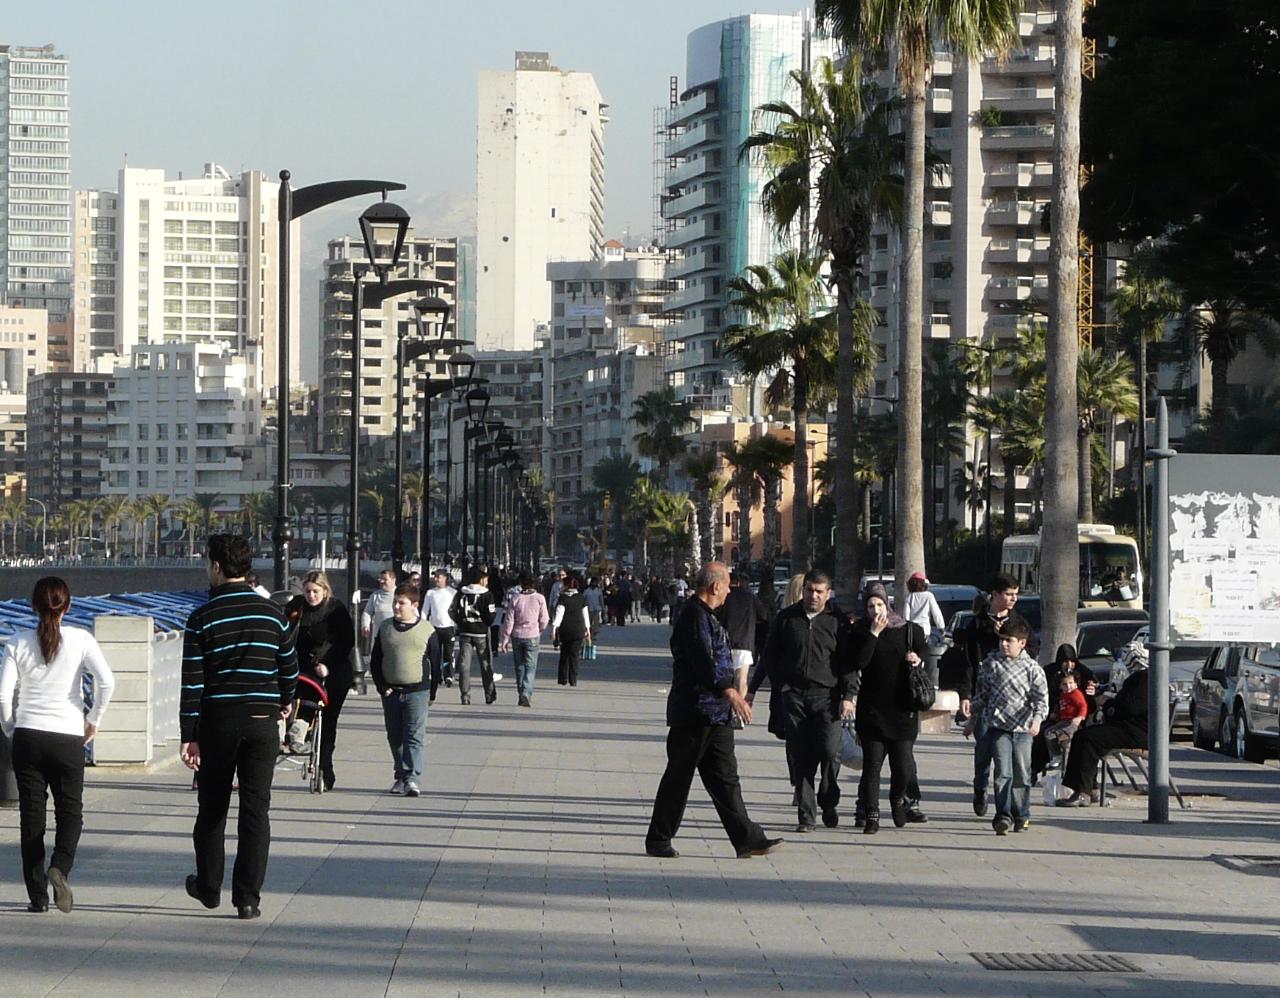 Moyen-Orient/Afrique du Nord : Ce qu'il ne fallait pas manquer de l'actualité économique cette semaine 6